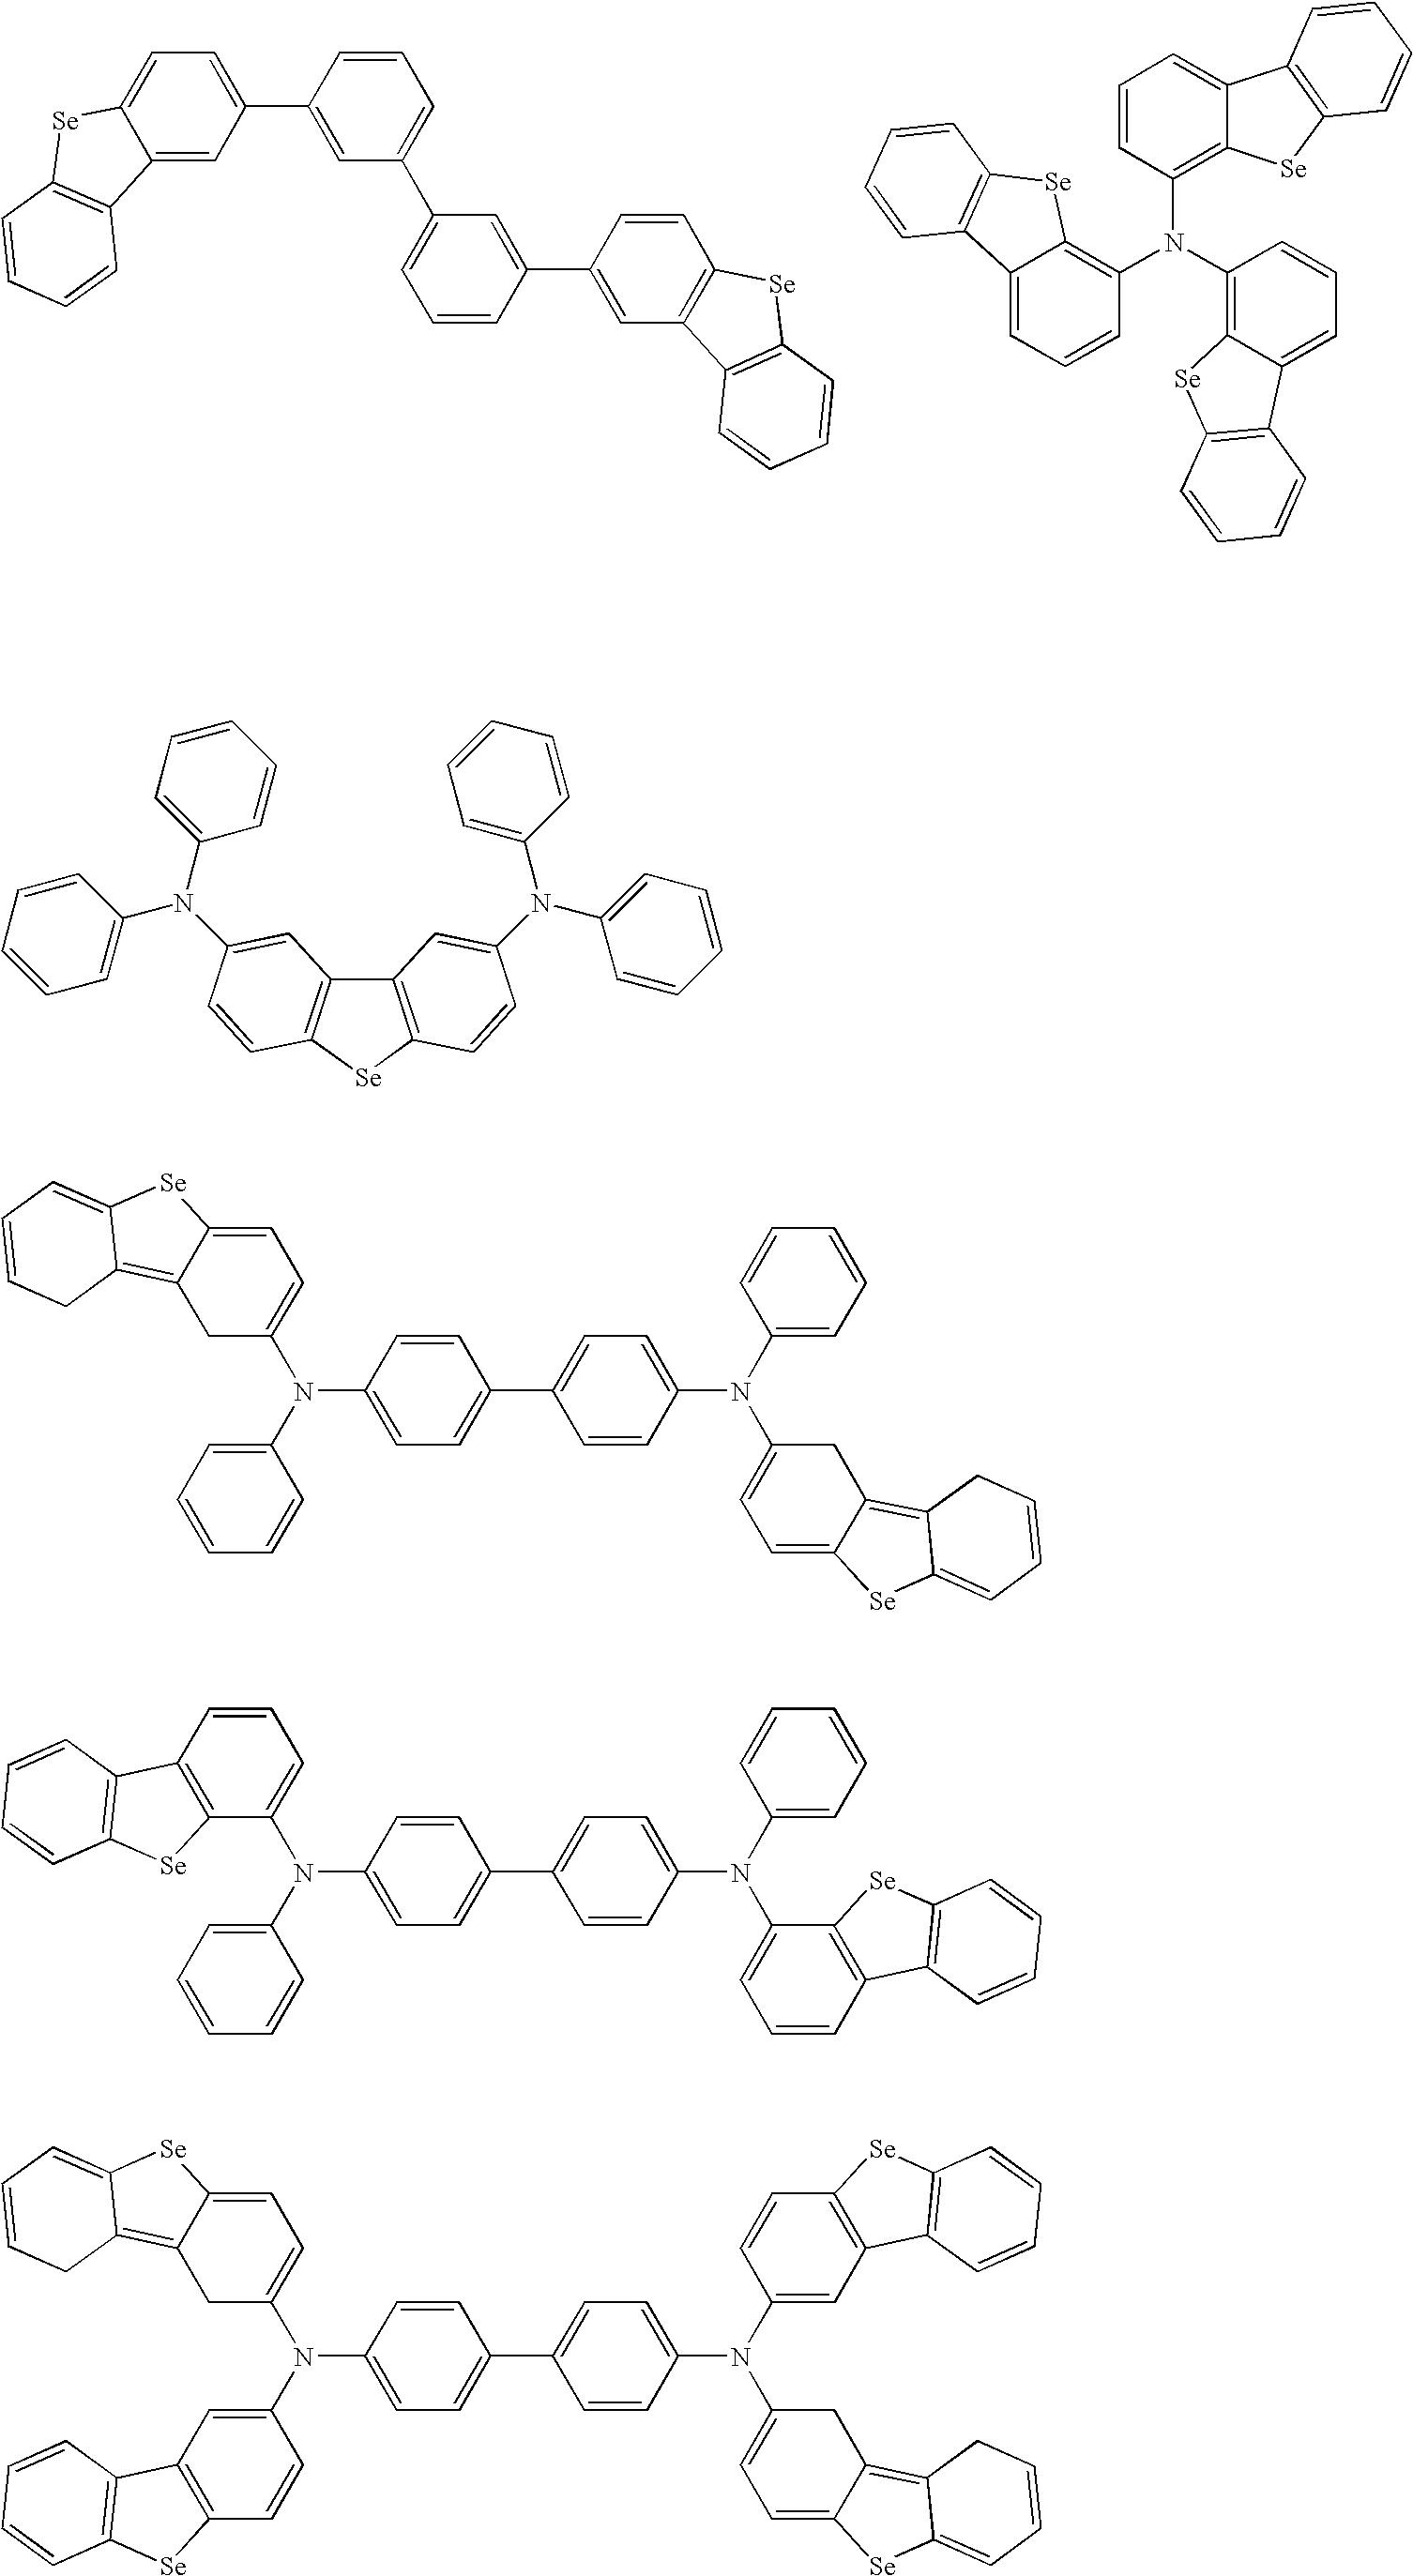 Figure US20100072887A1-20100325-C00012